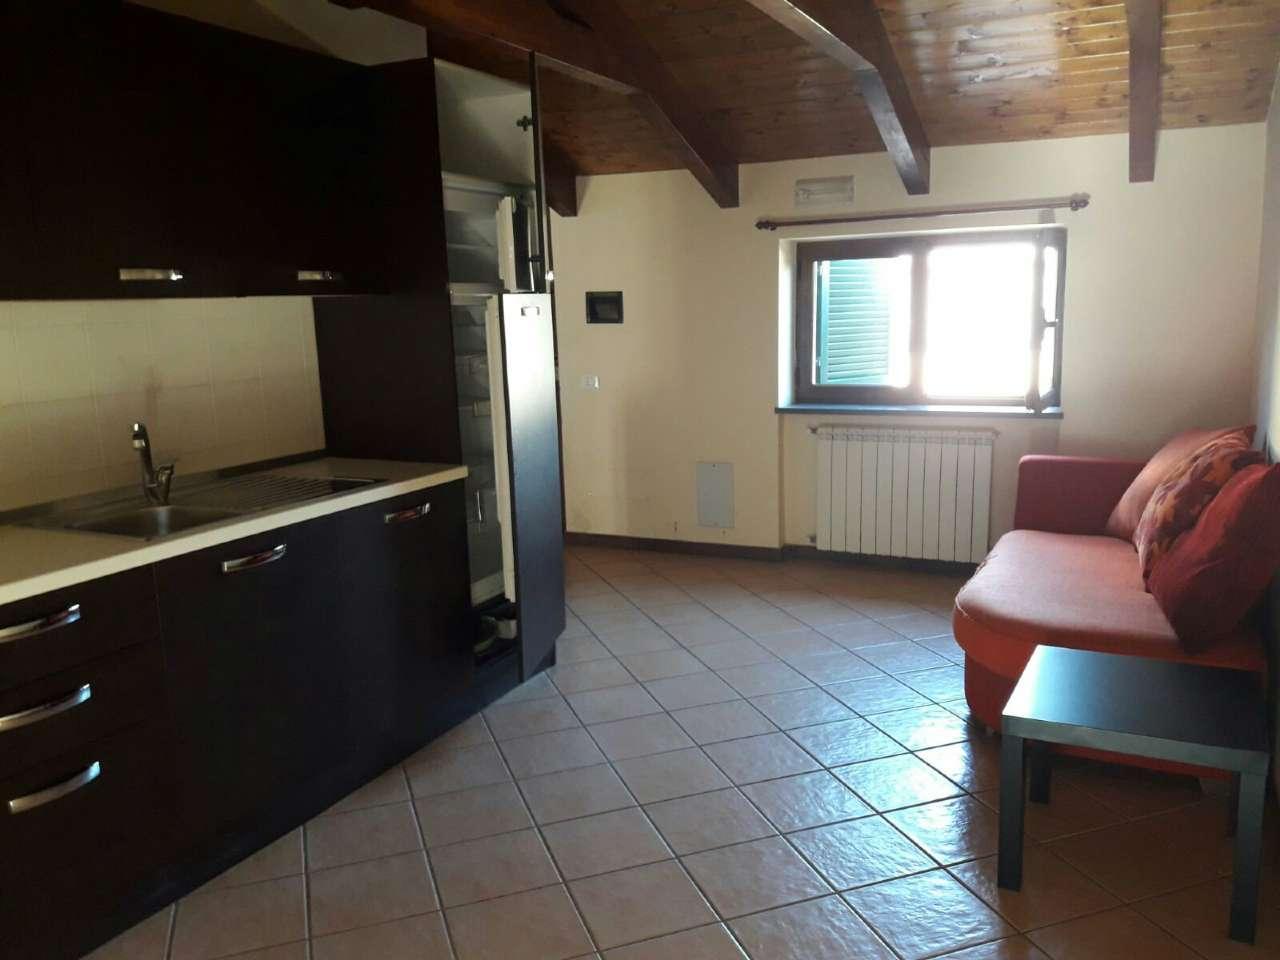 Attico / Mansarda in affitto a Marigliano, 2 locali, prezzo € 370 | Cambio Casa.it